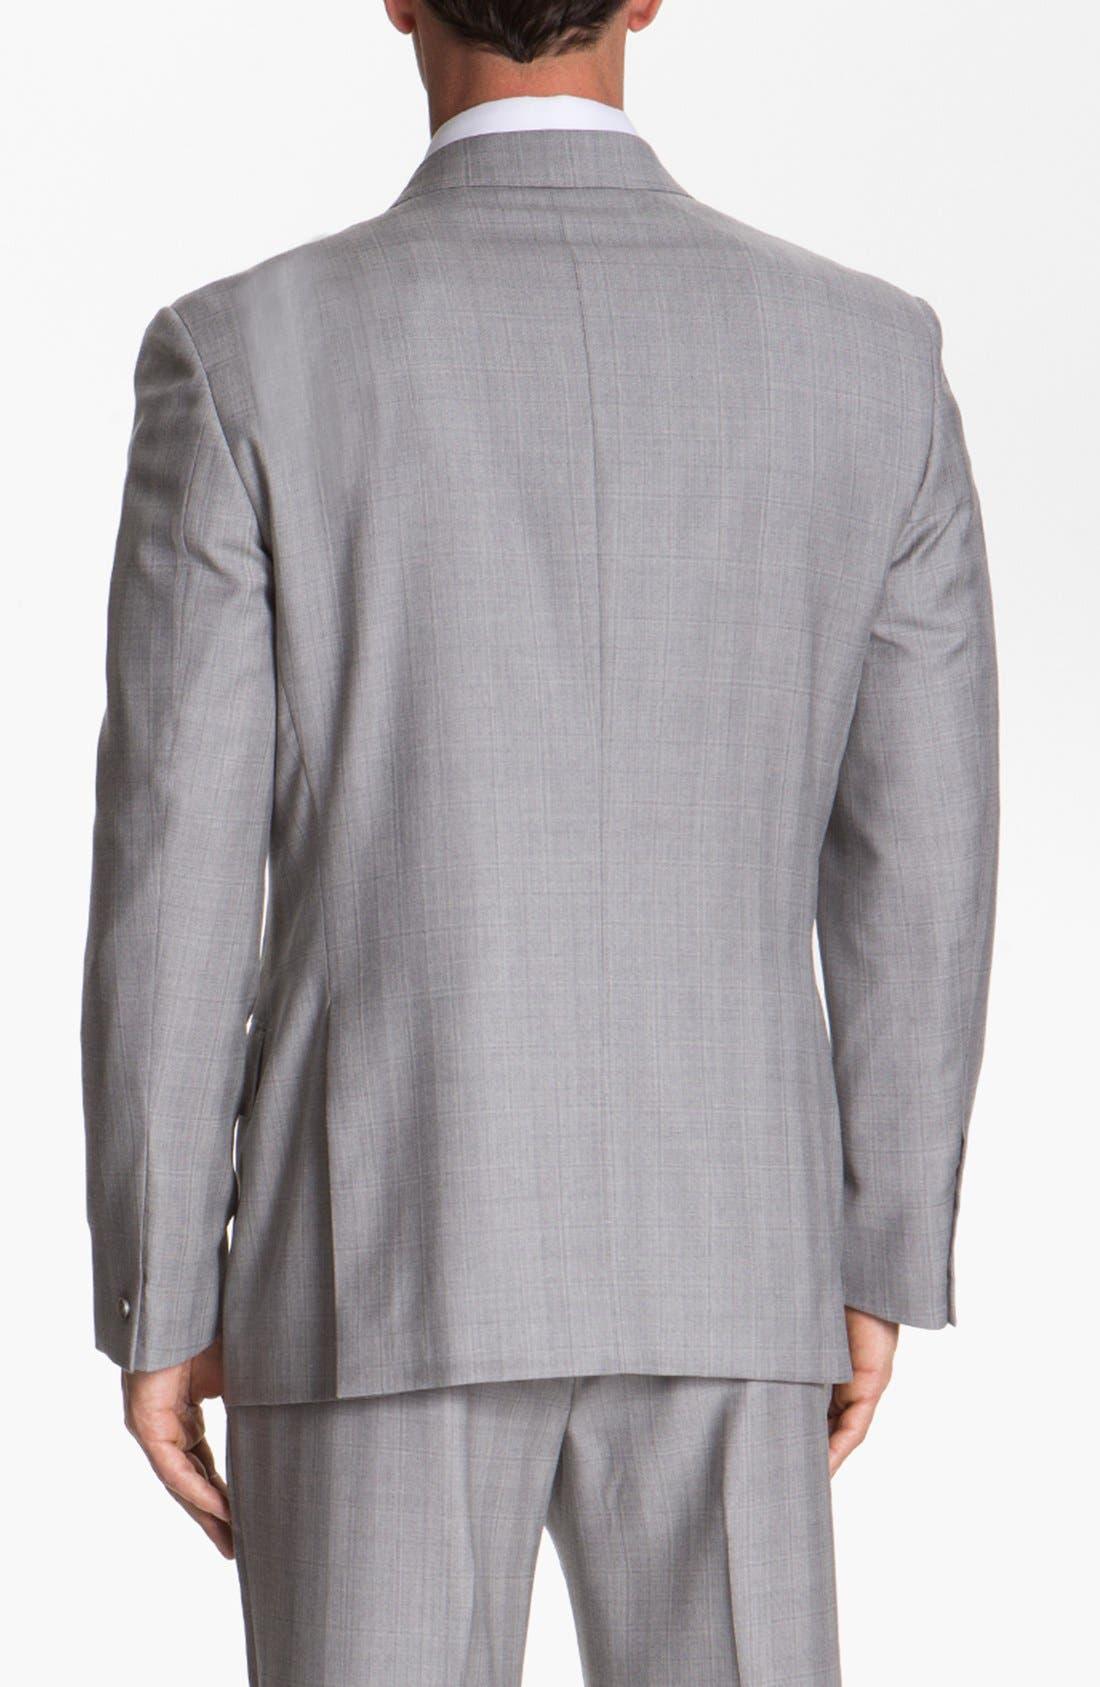 JOSEPH ABBOUD,                             'Platinum' Double Breasted Suit,                             Alternate thumbnail 4, color,                             050